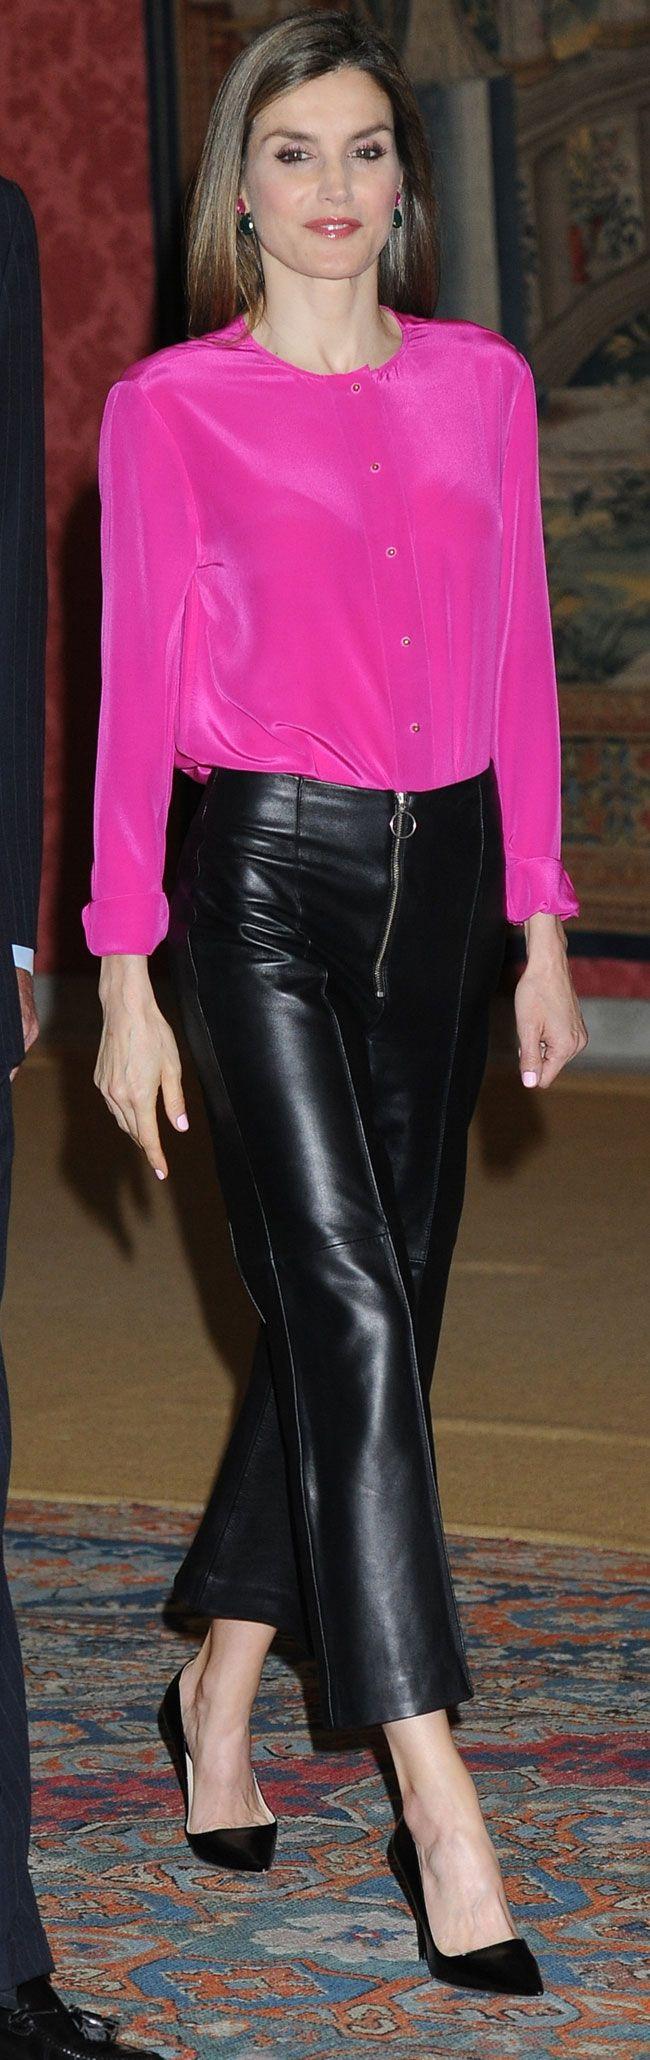 La Reina Letizia estrenó una nueva blusa de seda en color fucsia, para su reunión con los patronos de la Fundación Princesa de Asturias.